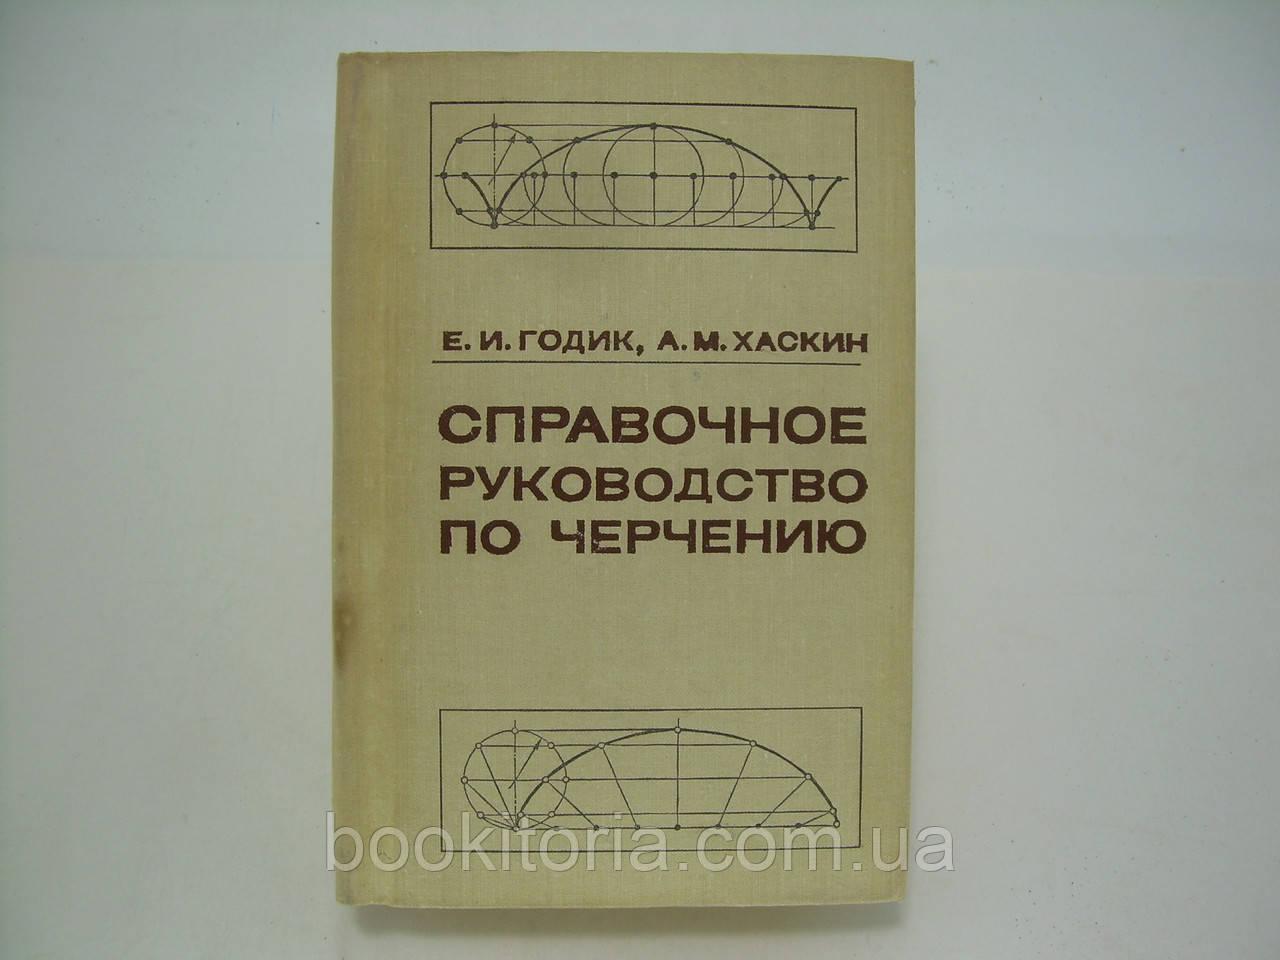 Годик Е.И., Хаскин А.М. Справочное руководство по черчению (б/у).